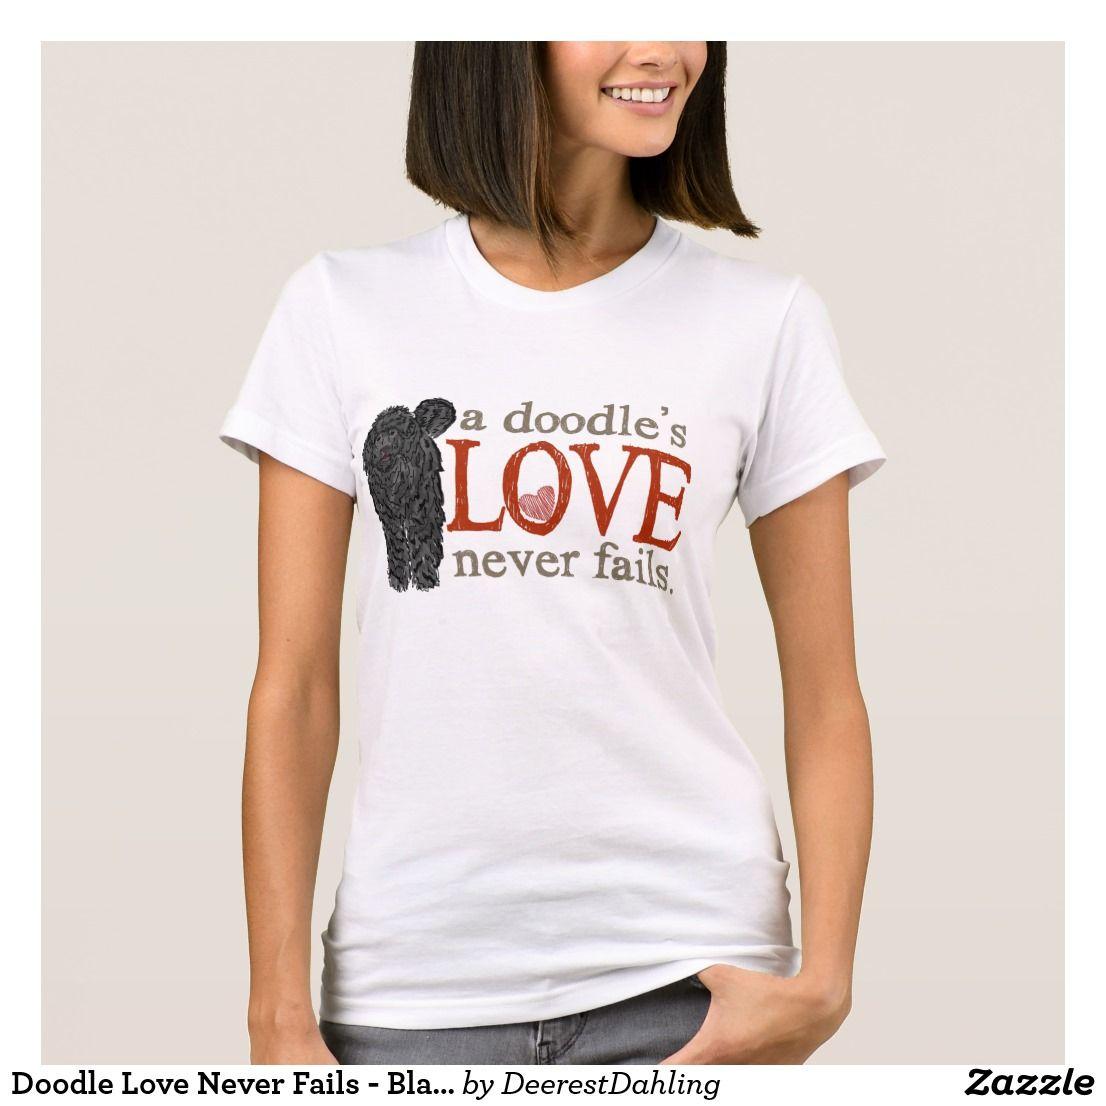 Tee Shirt Clothing A Goldendoodles Love Never Fails Shirt